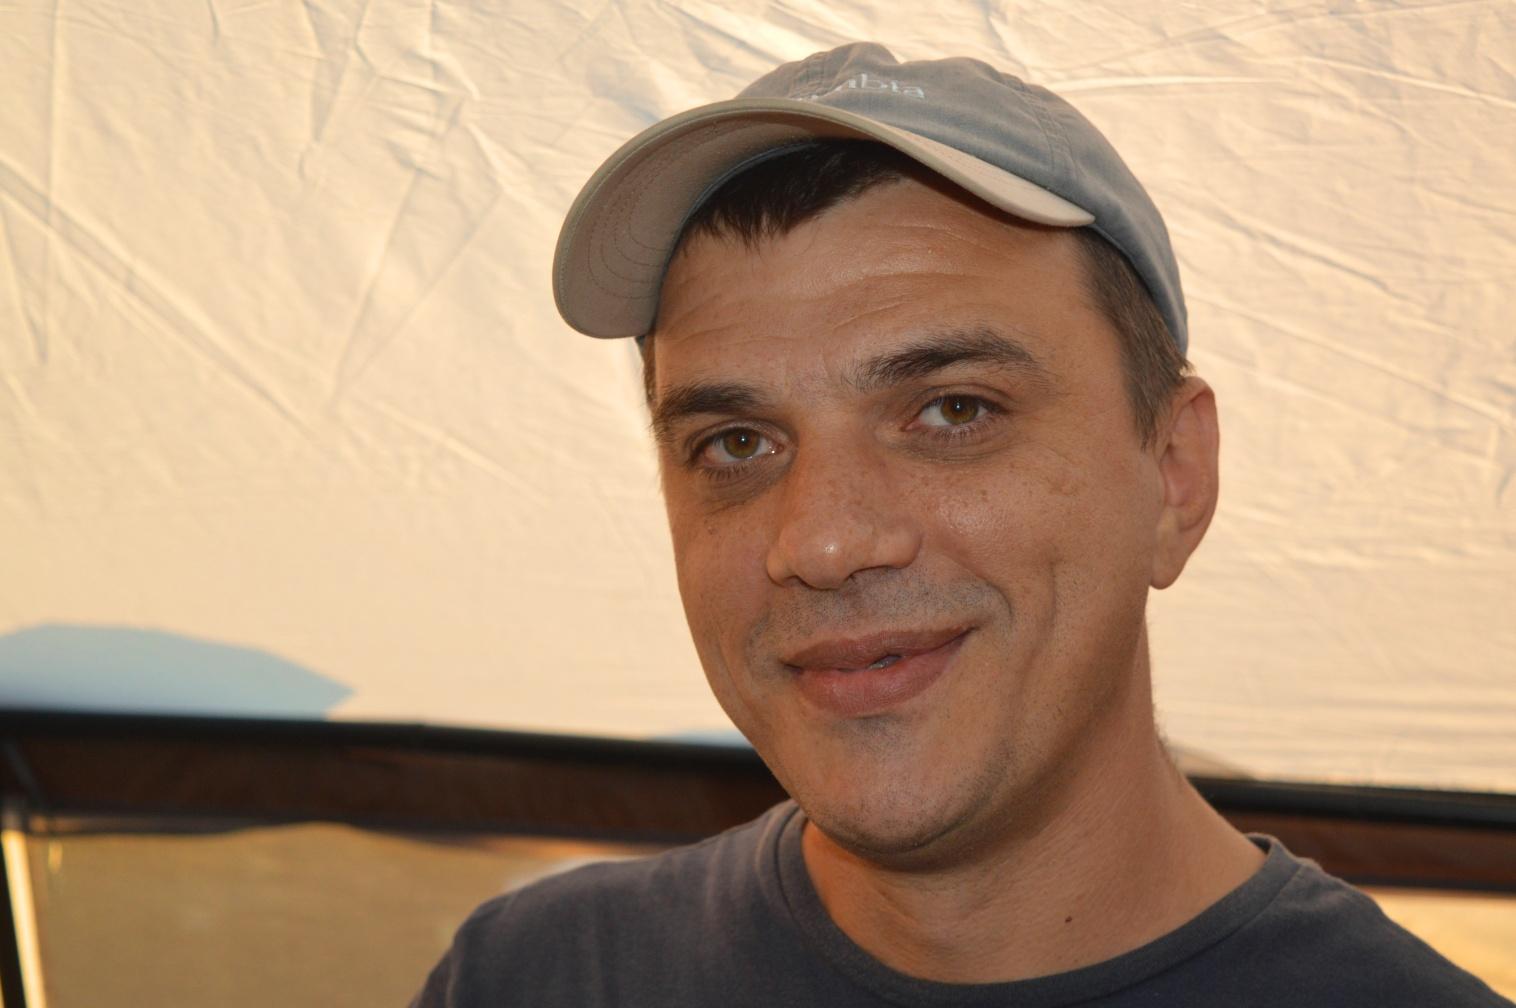 Наш гость, Пинчук Василий R7AL – один из самых активных радиоробинзонов экстремалов России